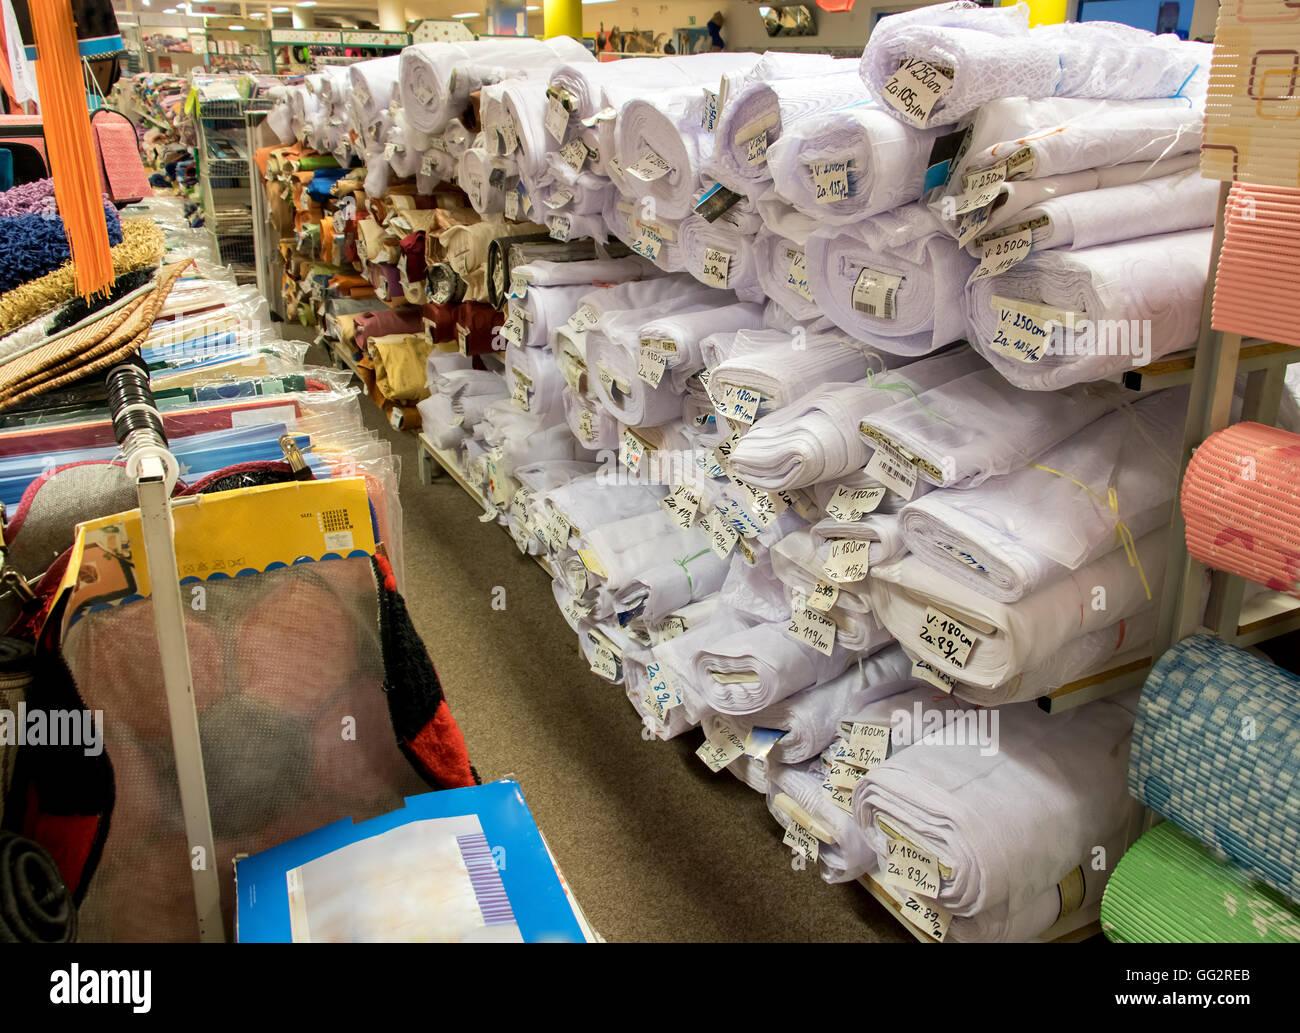 Rouleaux de tissus dans un magasin. Différents motifs textiles sur les  étagères de magasin. 9b91148cdd2